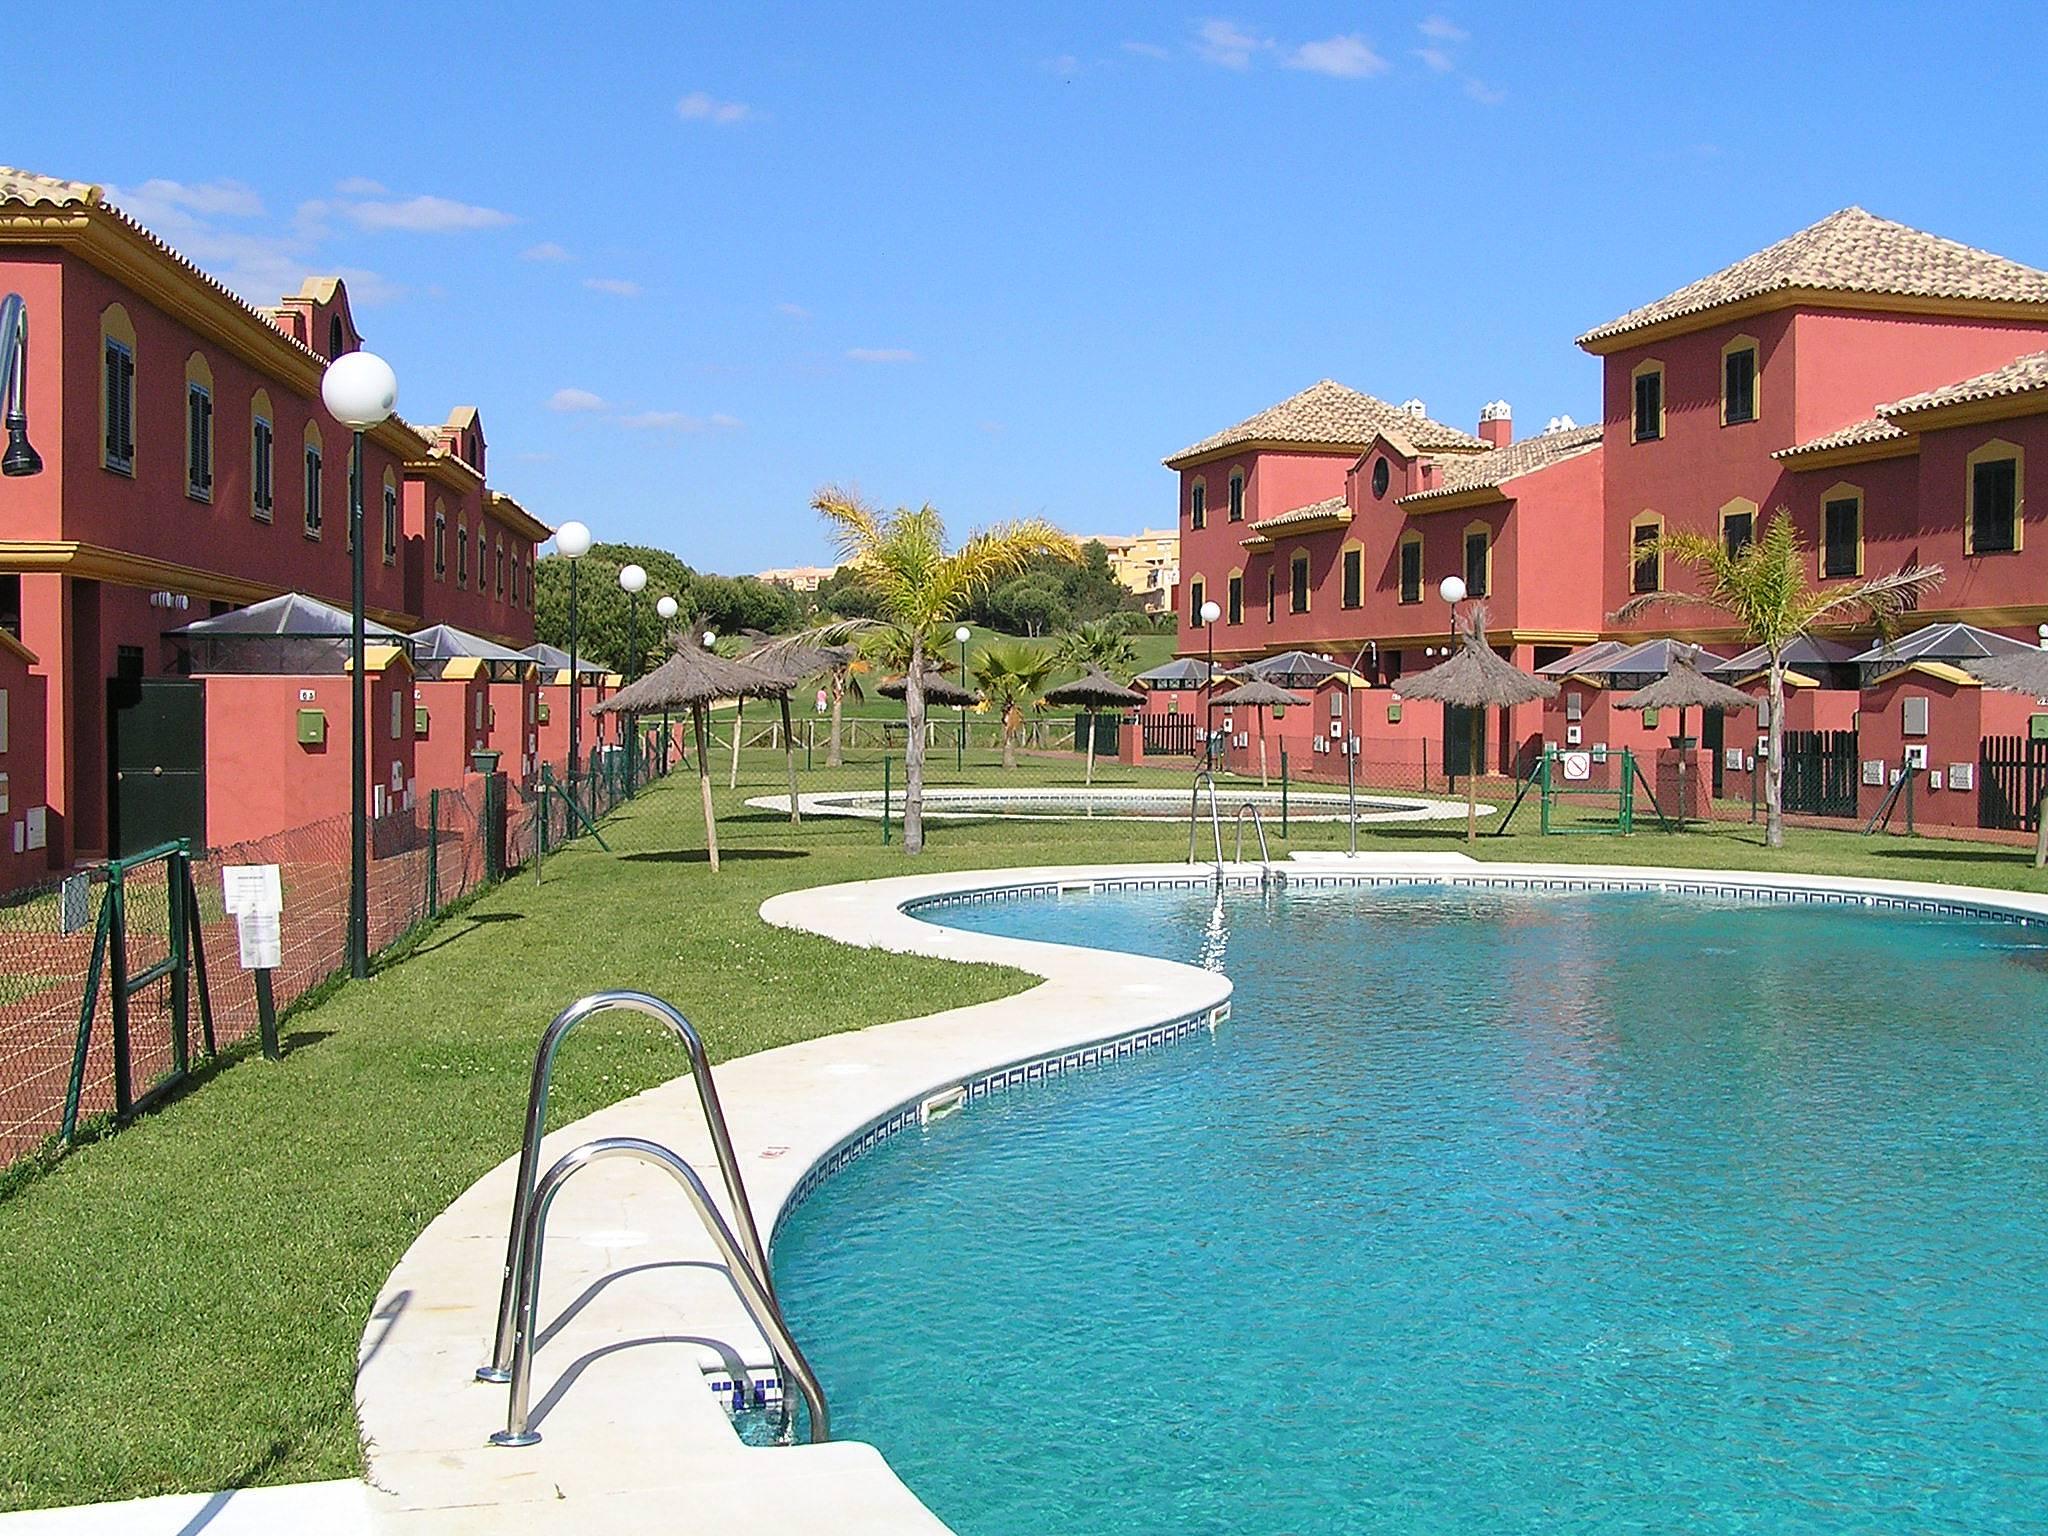 Maison en location 1000 m de la plage islantilla lepe - Rentalia islantilla ...